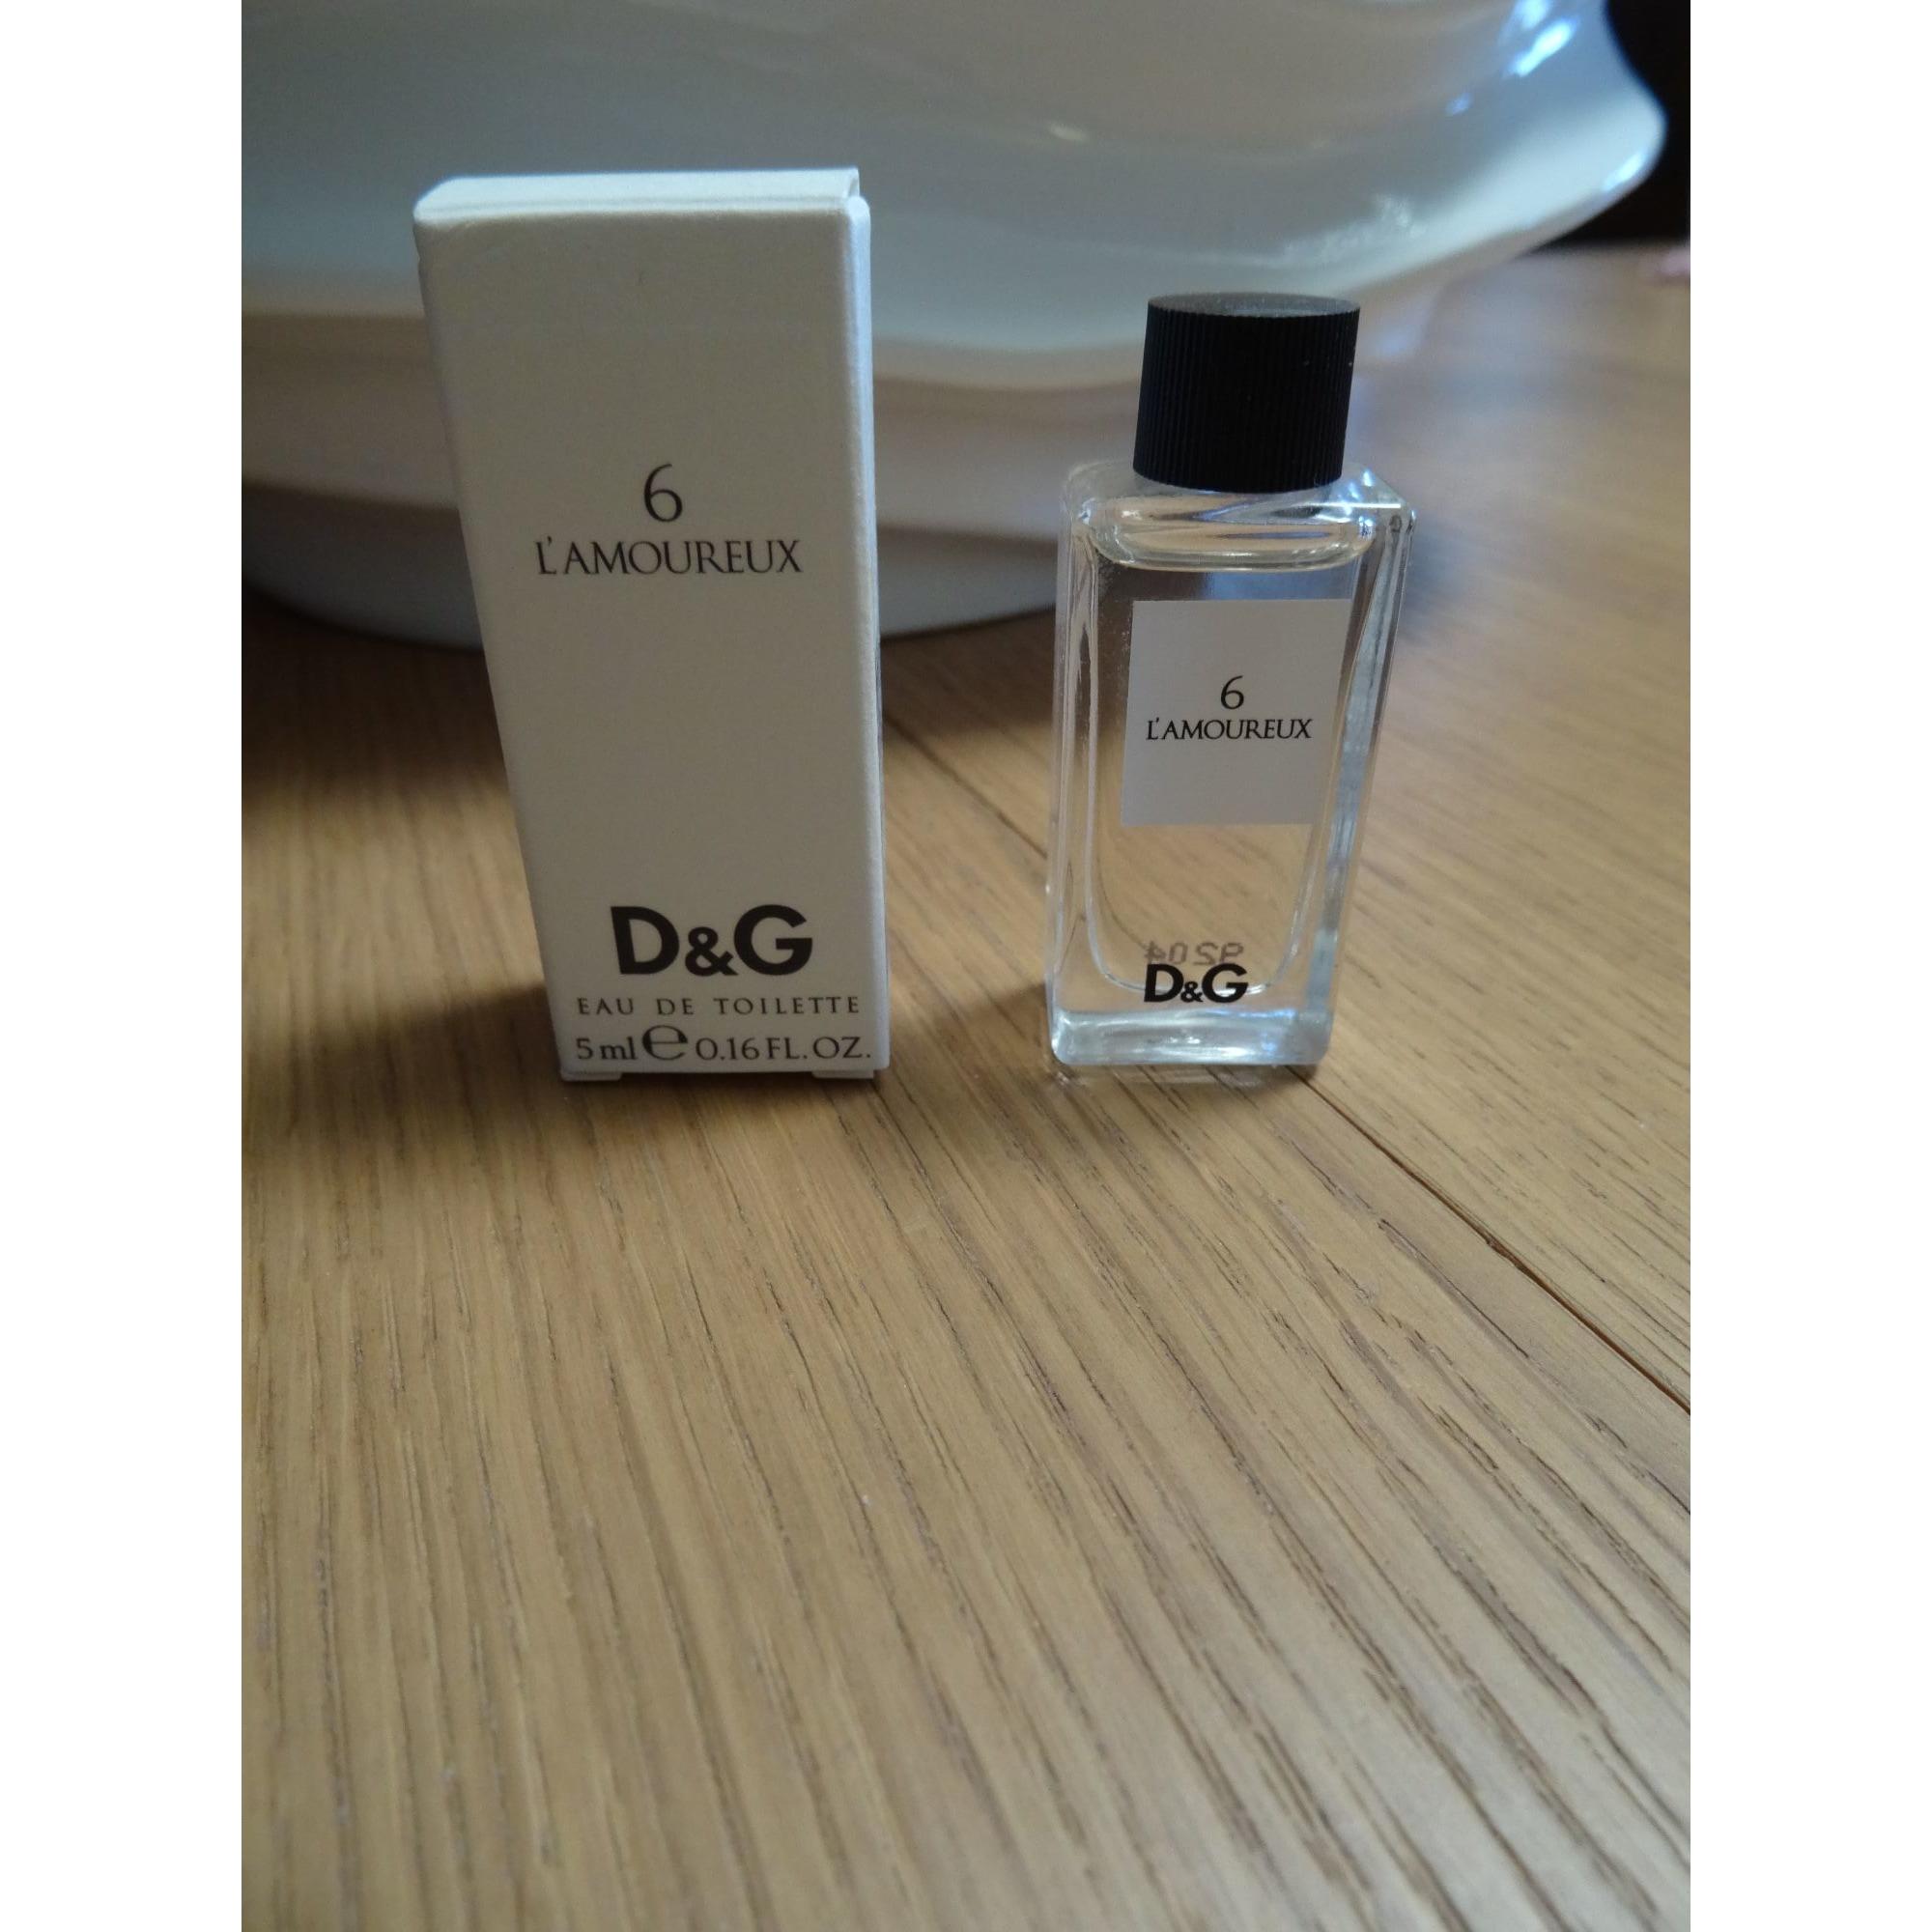 Parfum Miniature Miniature Parfum Miniature Dolceamp; Dolceamp; Dolceamp; Parfum Gabbana Gabbana D9YW2IEH